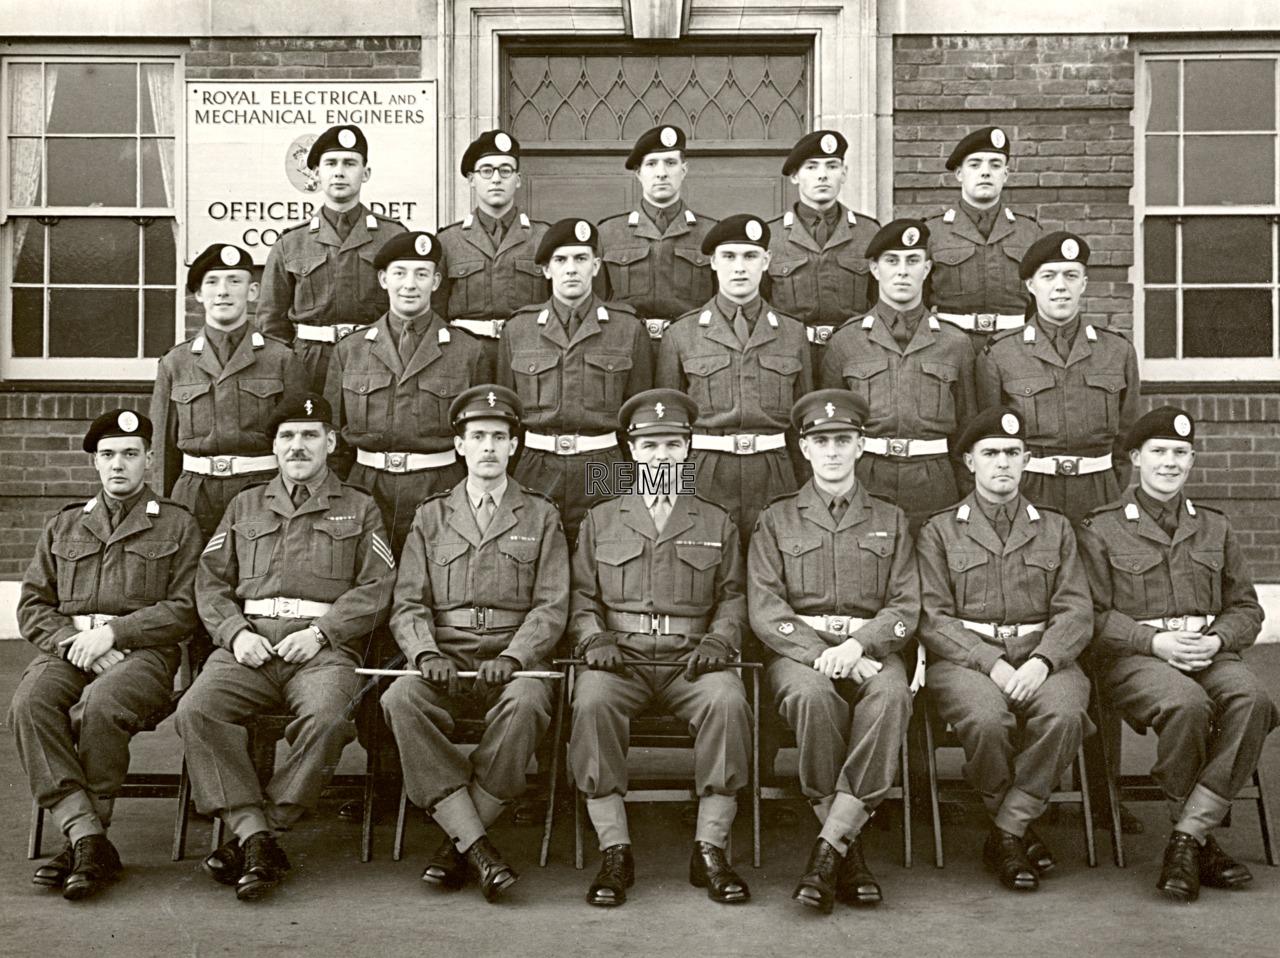 Officer Cadet Company, REME, Bordon: Intake No 44, January 1957